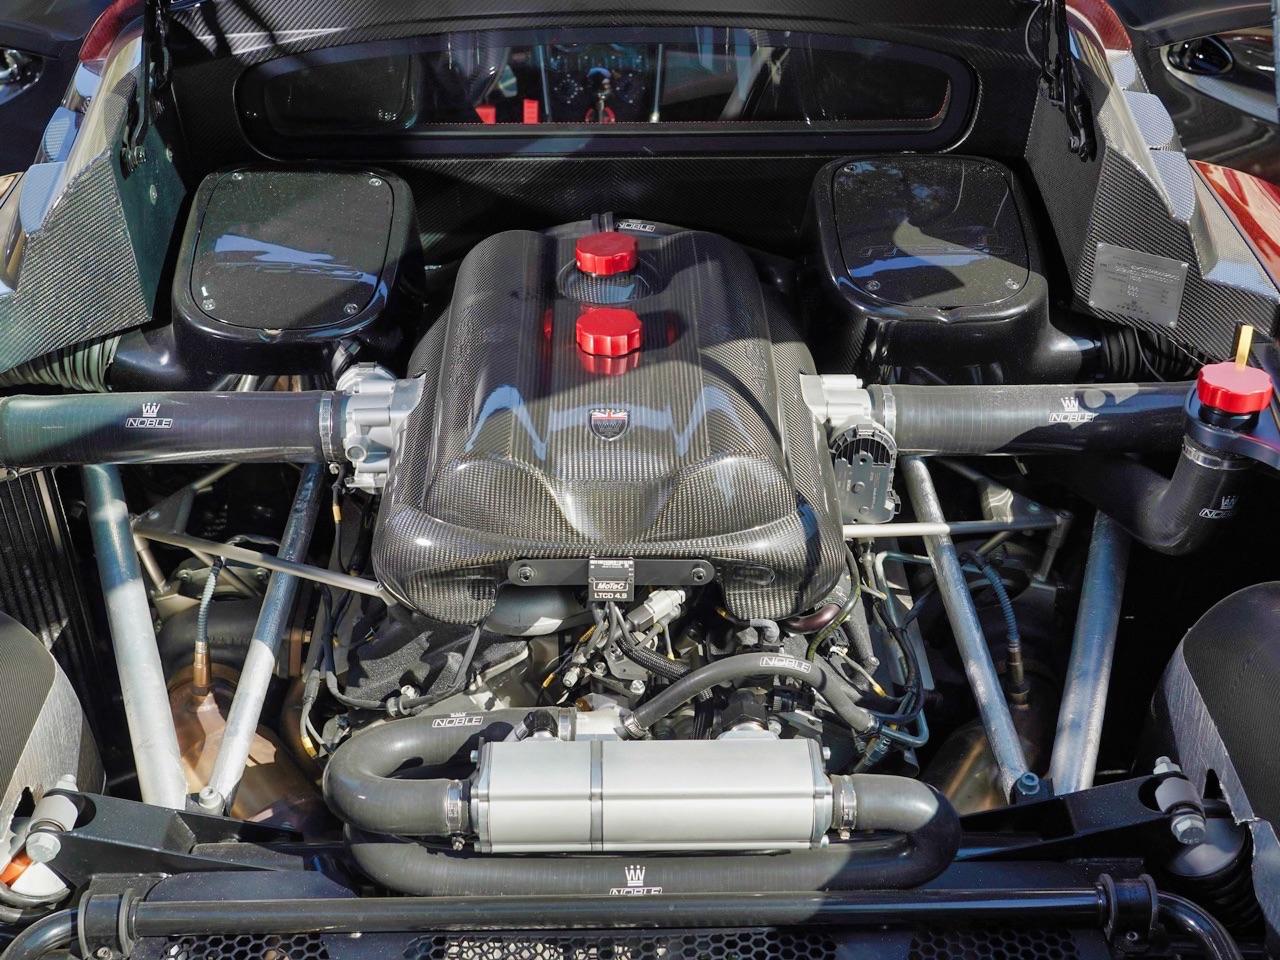 Noble M600 CarbonSport - Va y avoir du carbone et du... sport ! 14